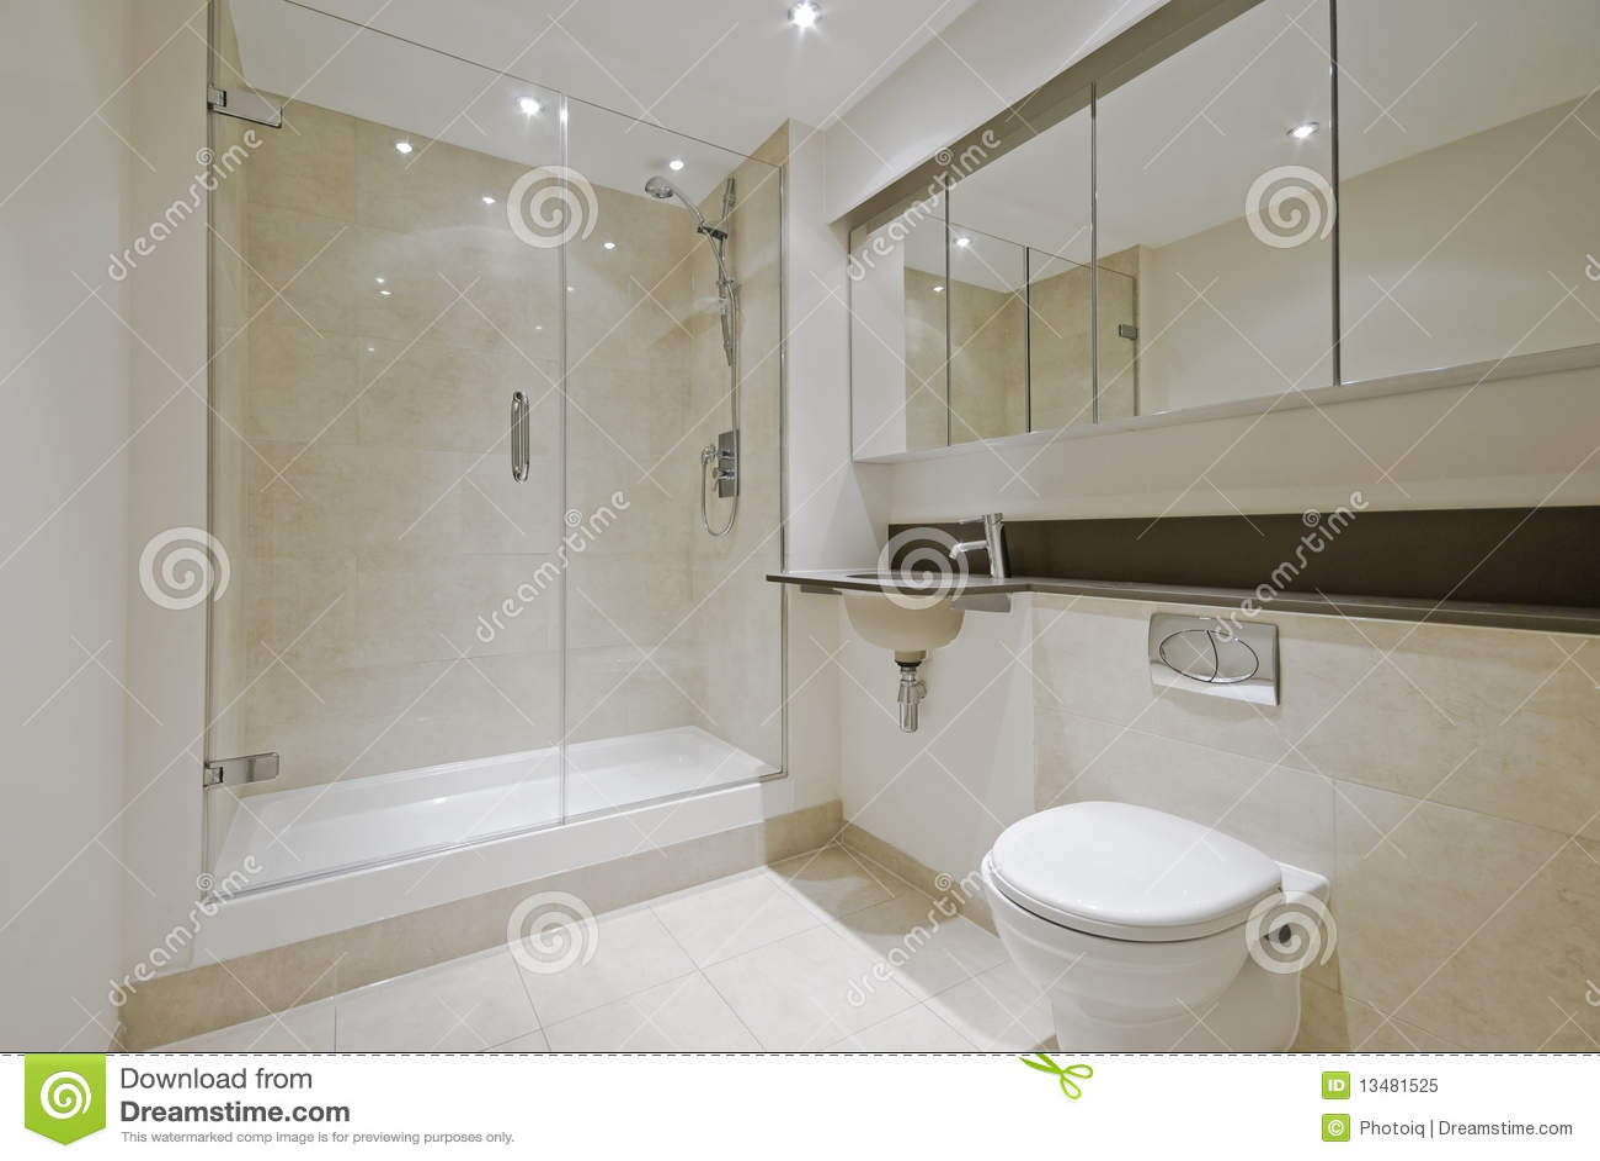 Cuarto De Baño Moderno De La En-habitación Imagen de archivo ...